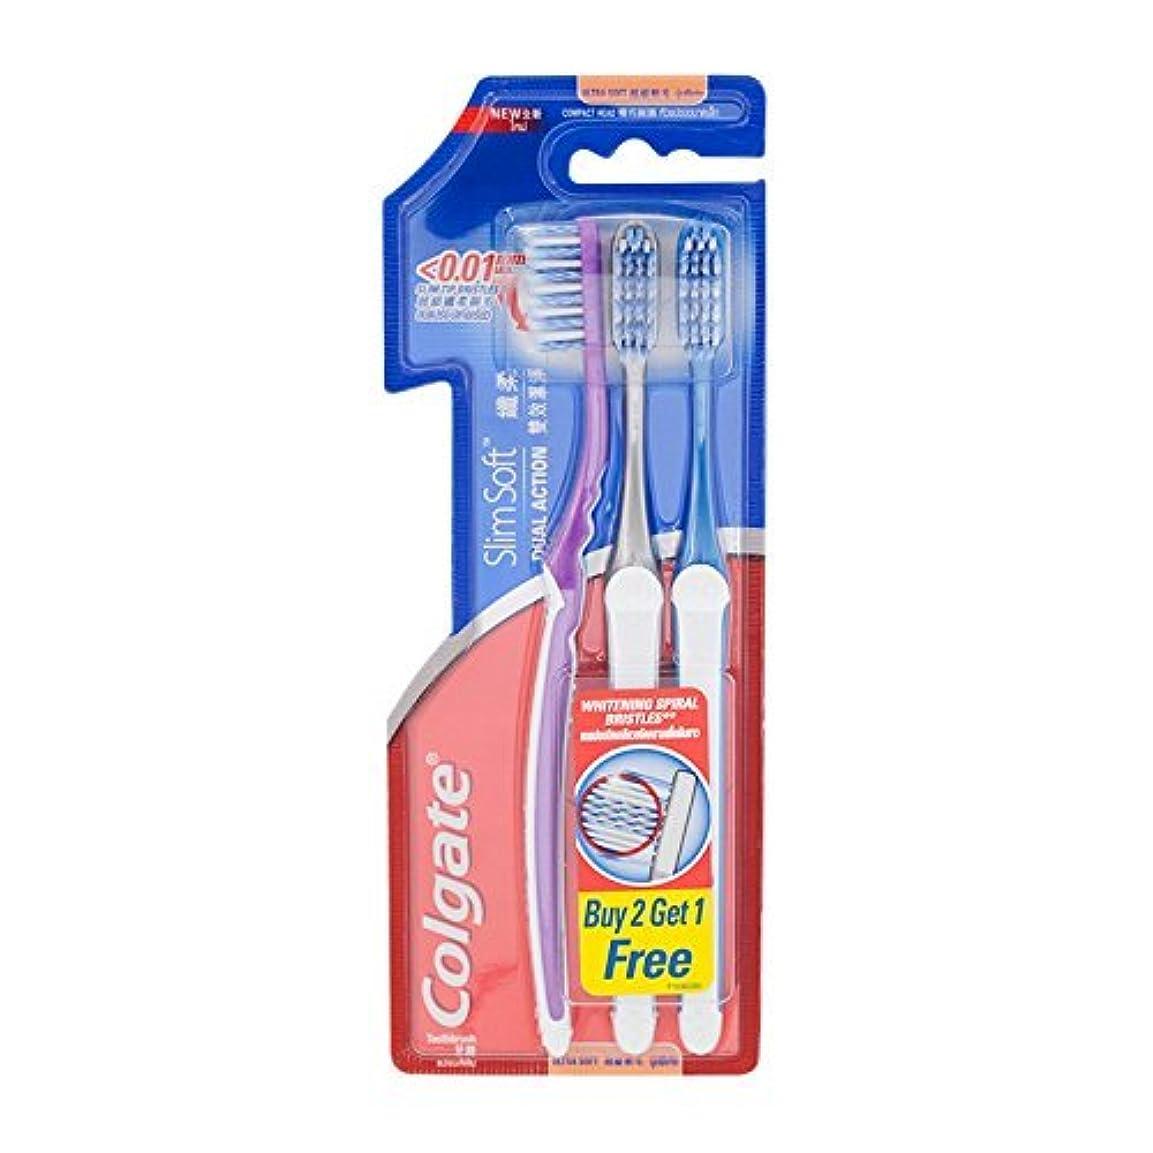 リビジョンく民主主義Colgate Compact Ultra Soft Dual Action | Slim Soft Toothbrush, Family Pack (3 Bristles) by BeautyBreeze